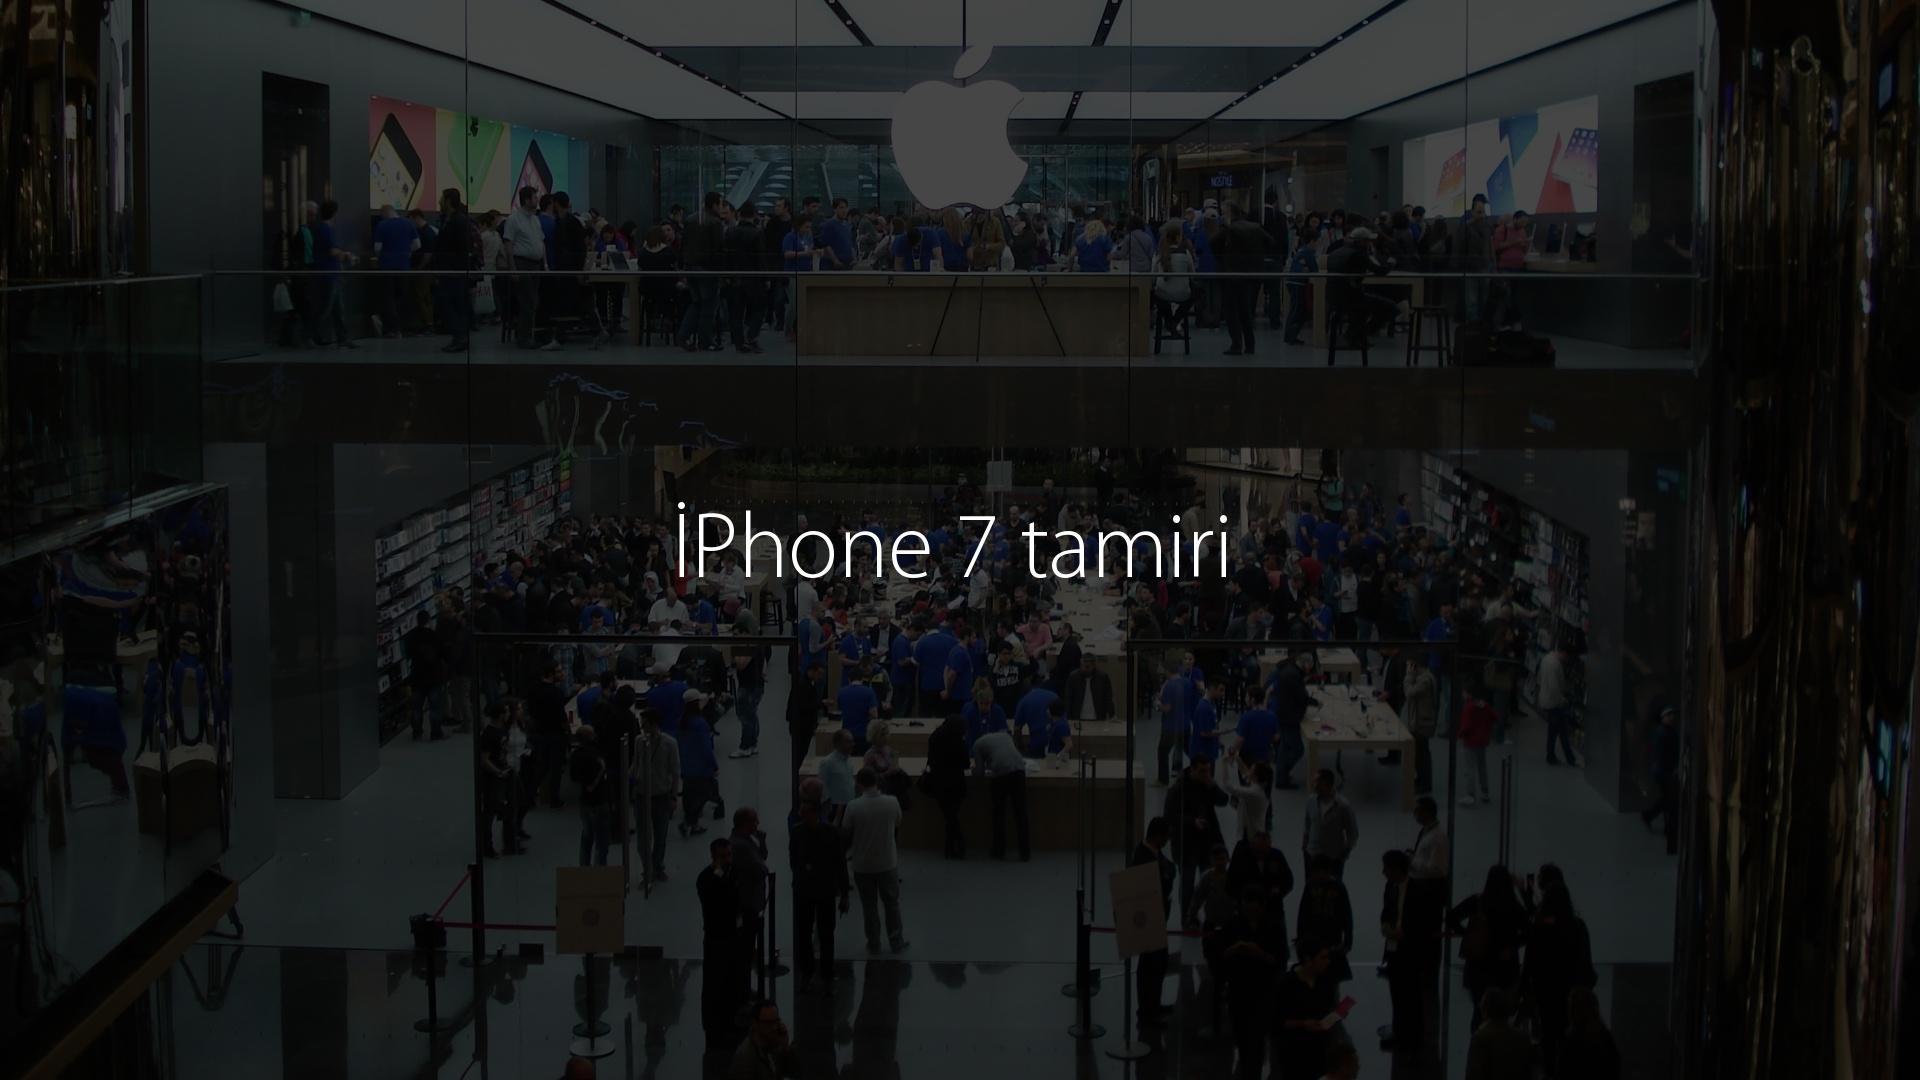 İPhone 7 tamiri